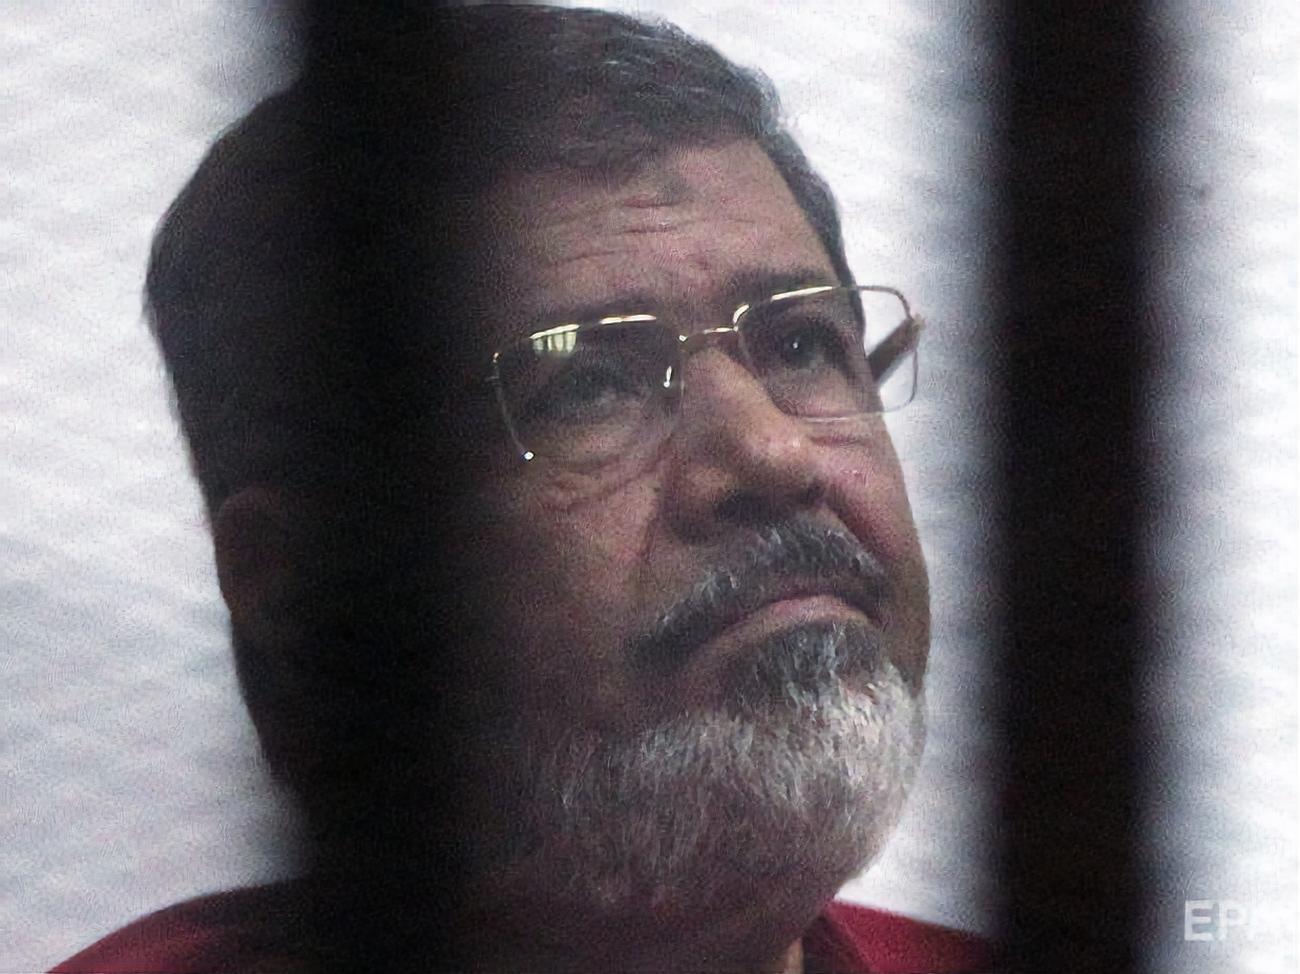 Экс-президент Египта Мурси умер в зале суда